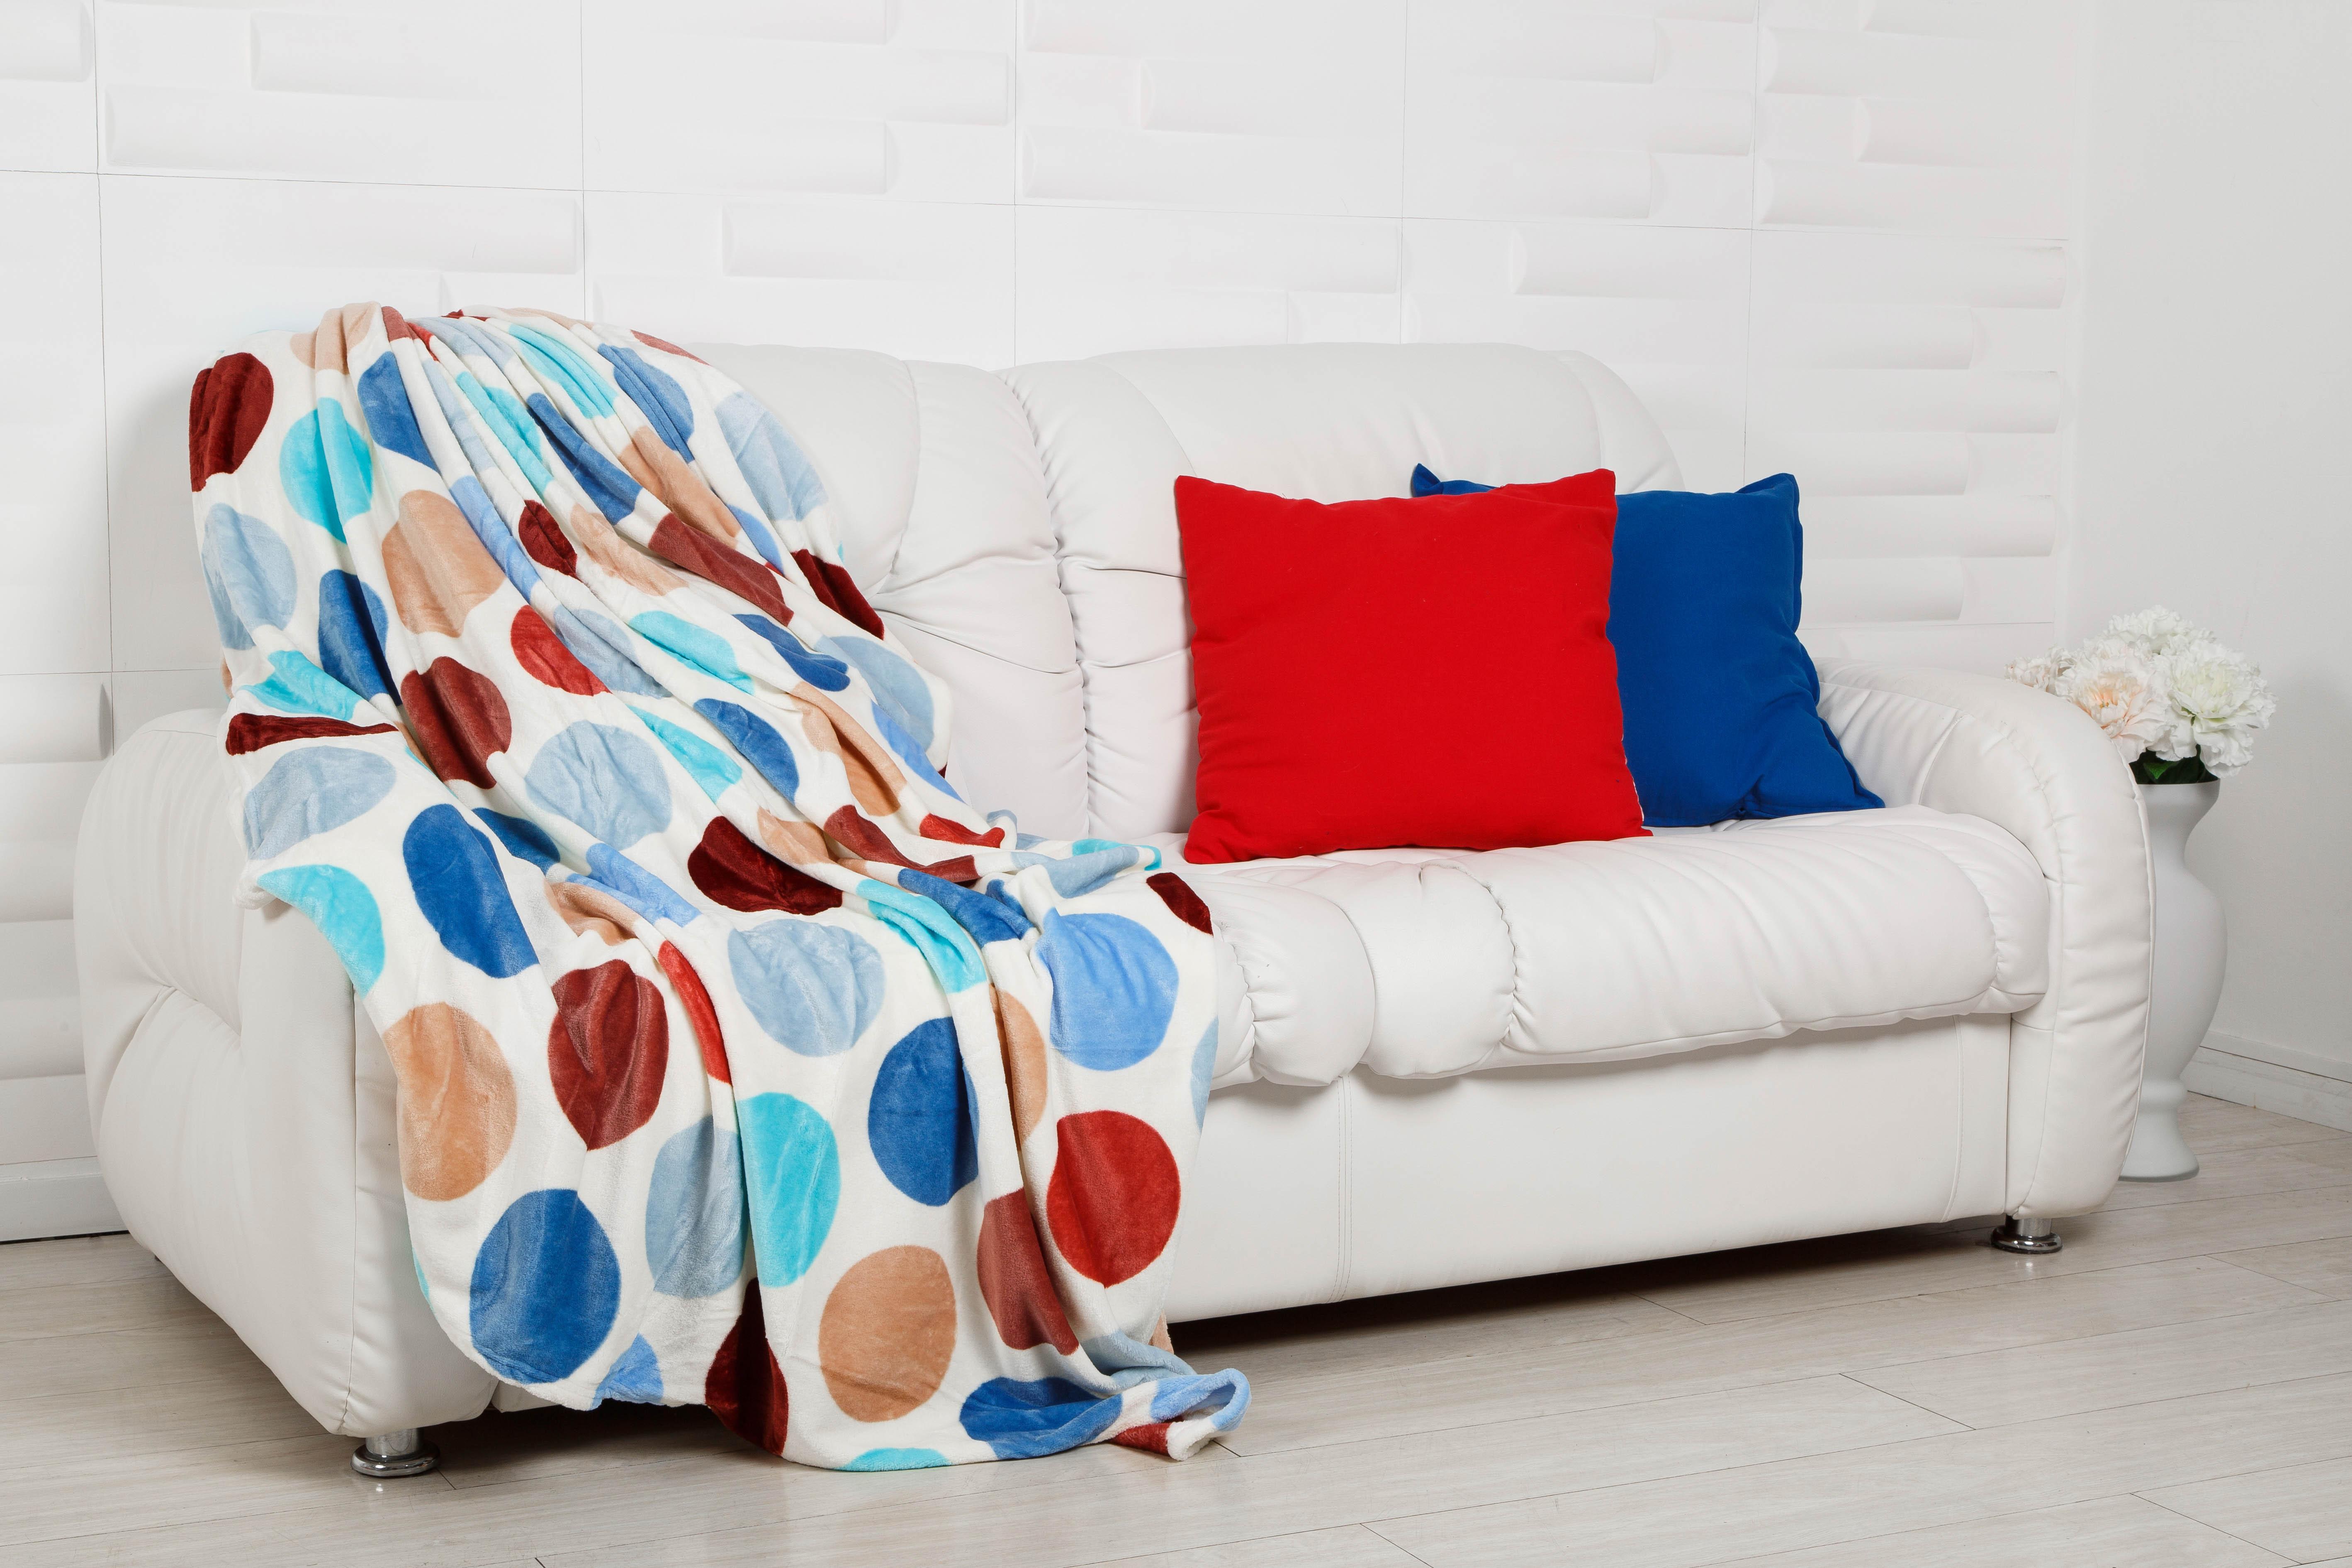 Плед HONGDA TEXTILE Плед Орнамент Цвет: Гороховый Светофор (150х200 см) пледы hongda textile лань ворсистый плед 270 г м2